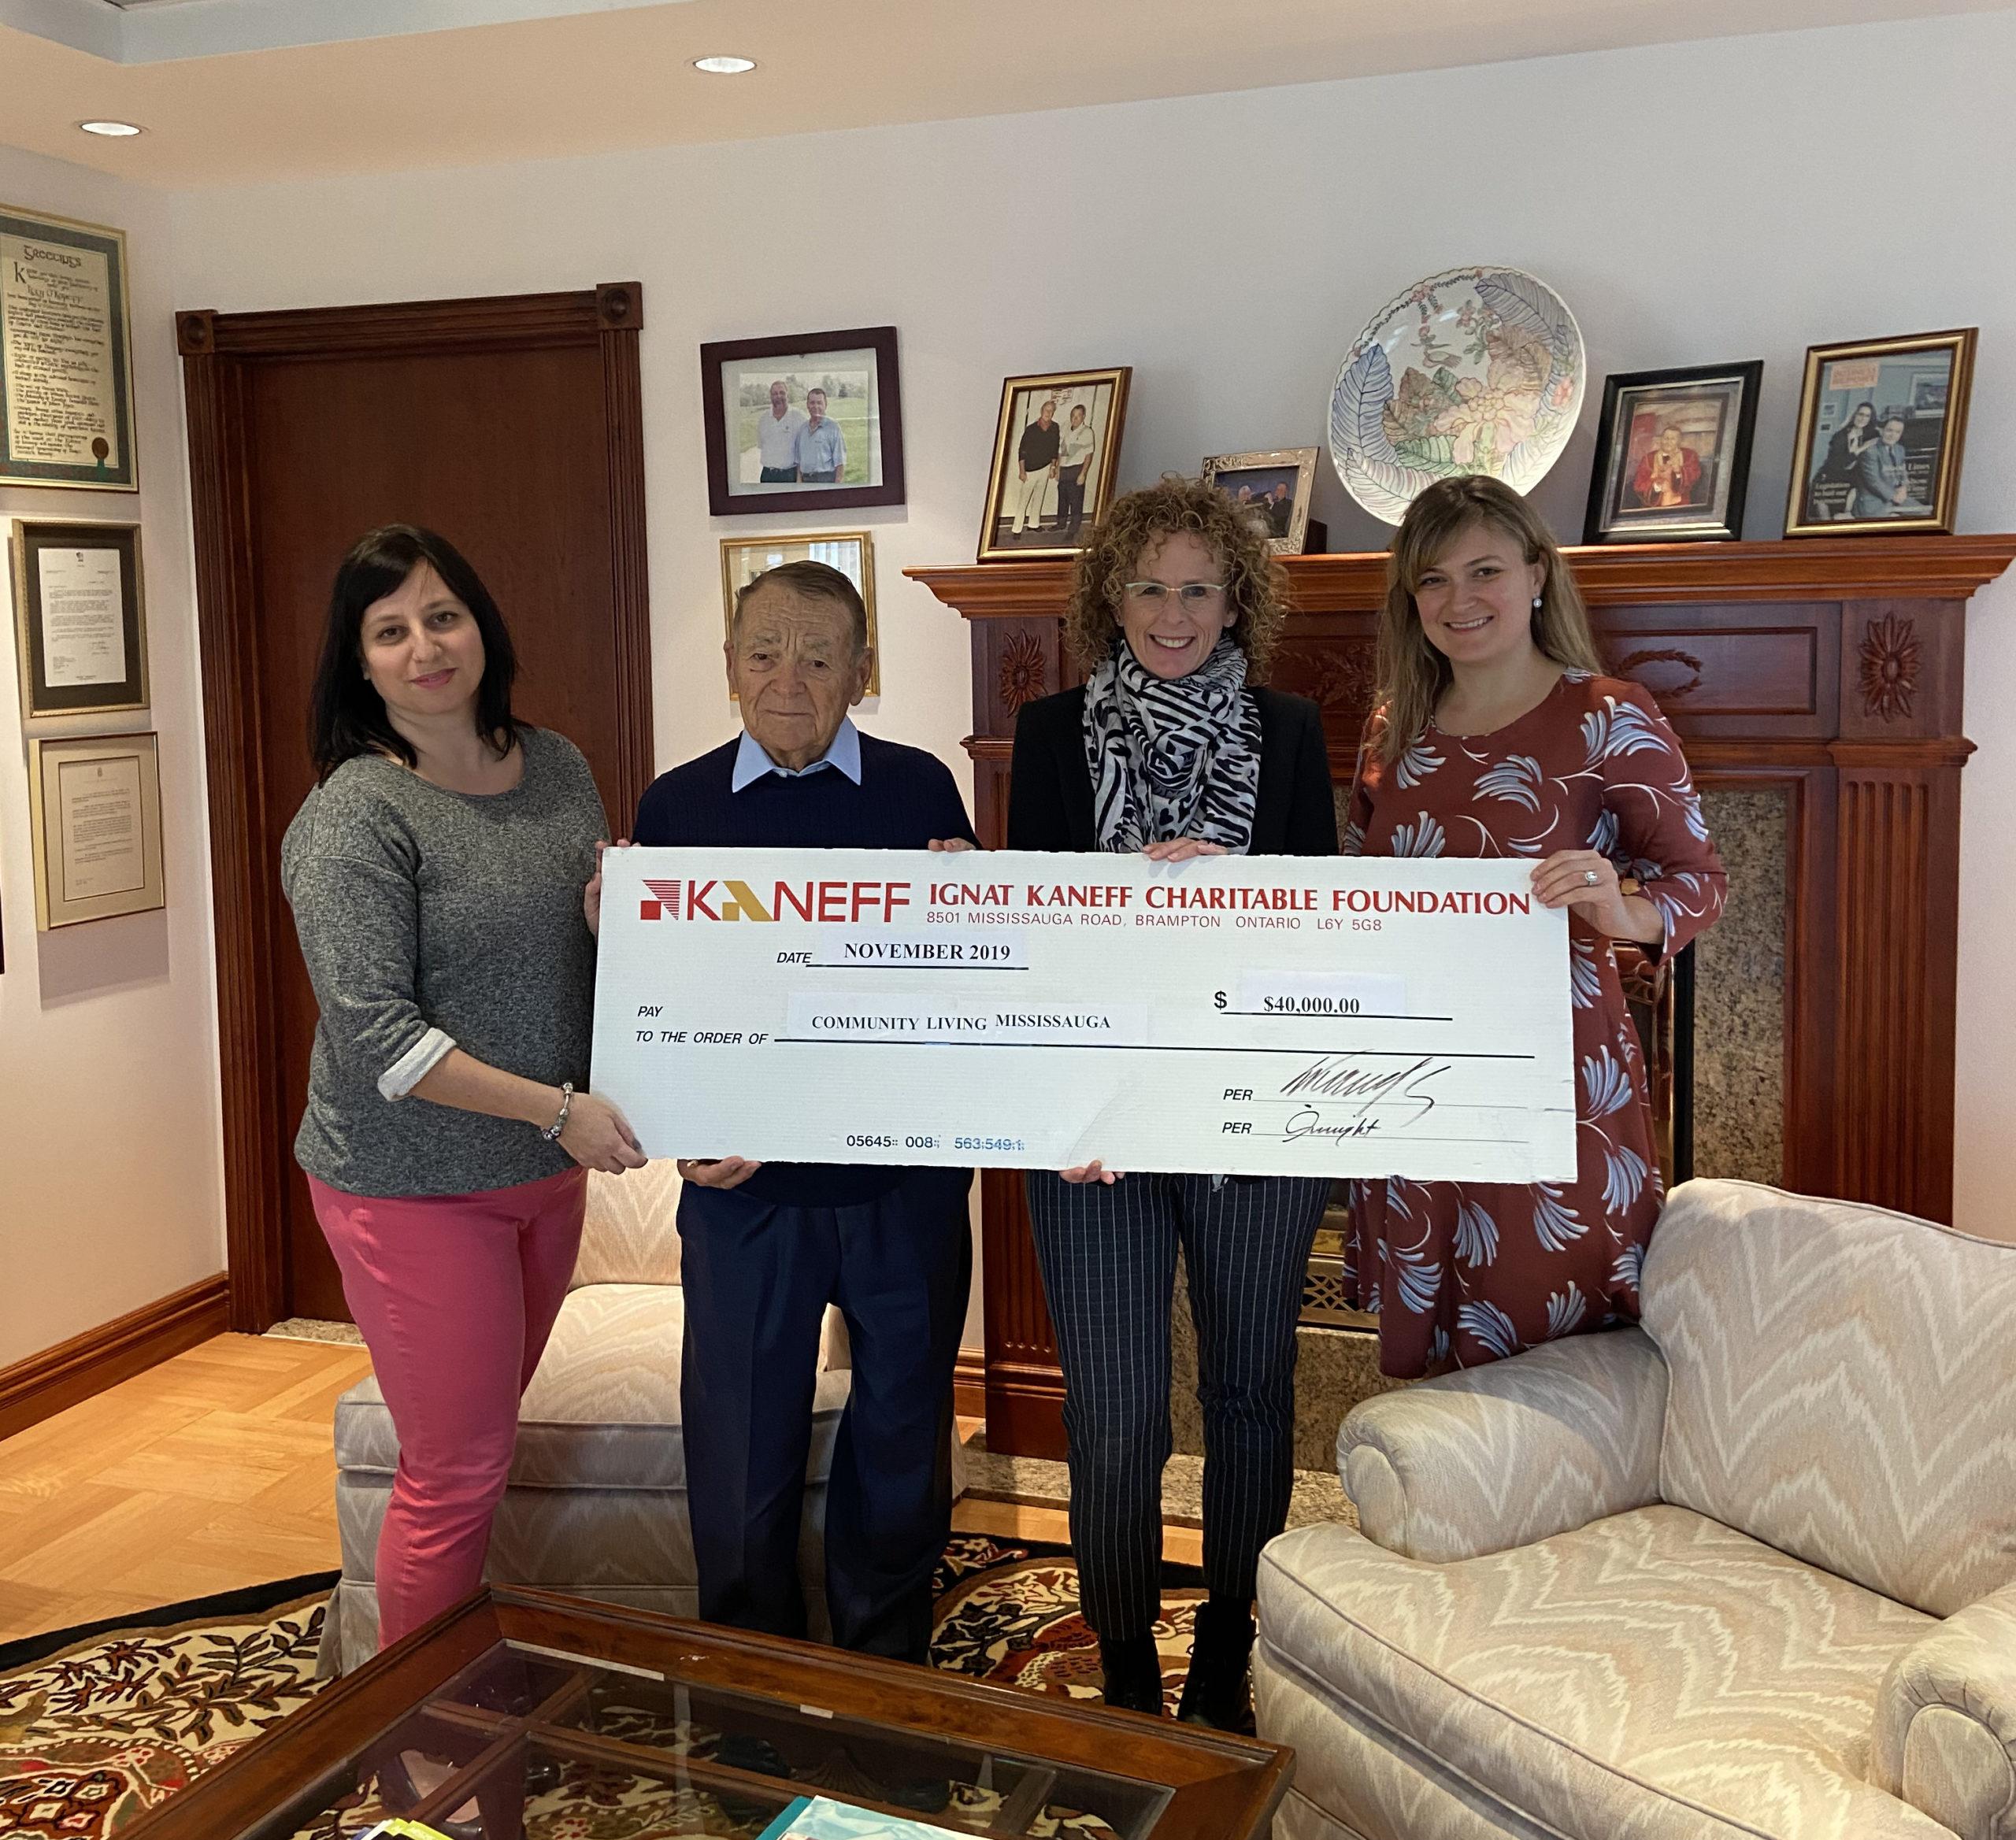 Kaneff donation 2019